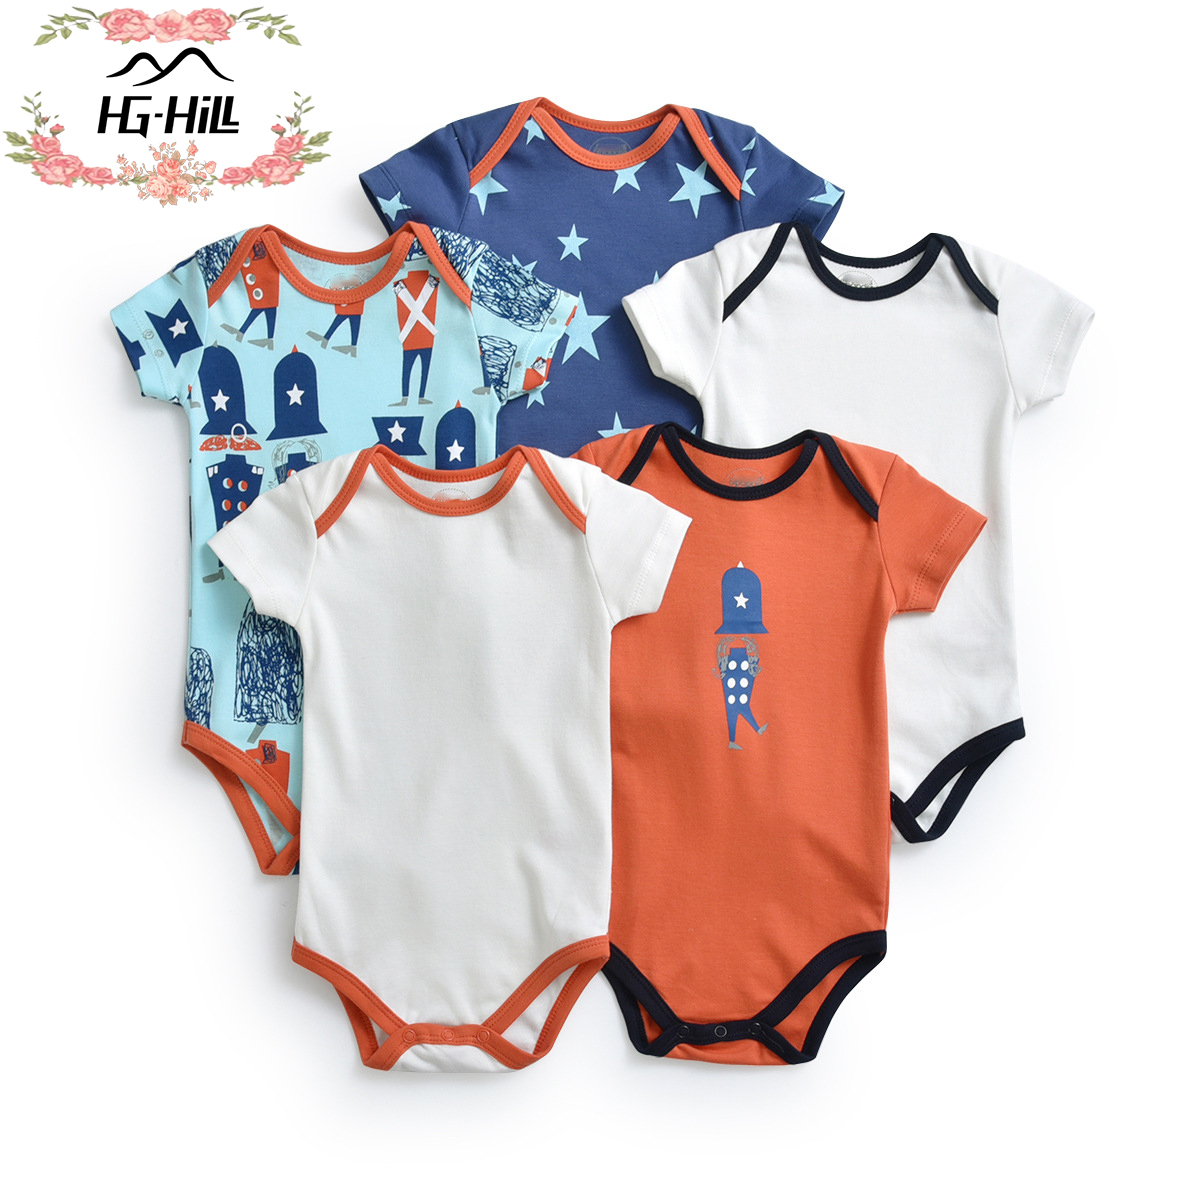 12m Plain Coloured Bodysuit Creeper Popper Vest One Piece Baby Clothes Newborn